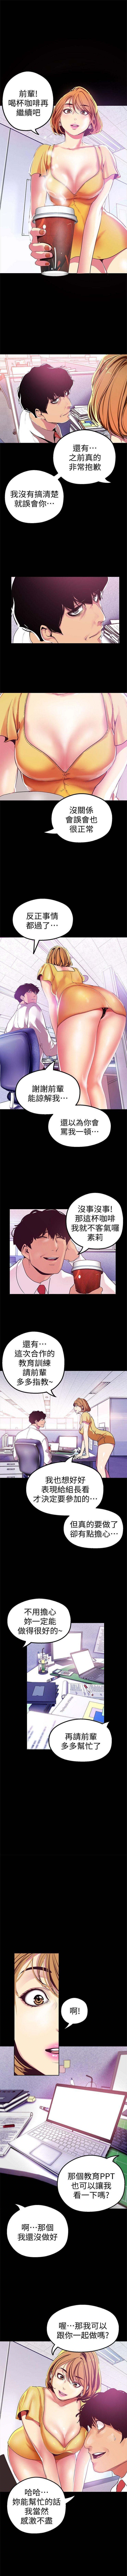 美麗新世界 1-85 官方中文(連載中) 222